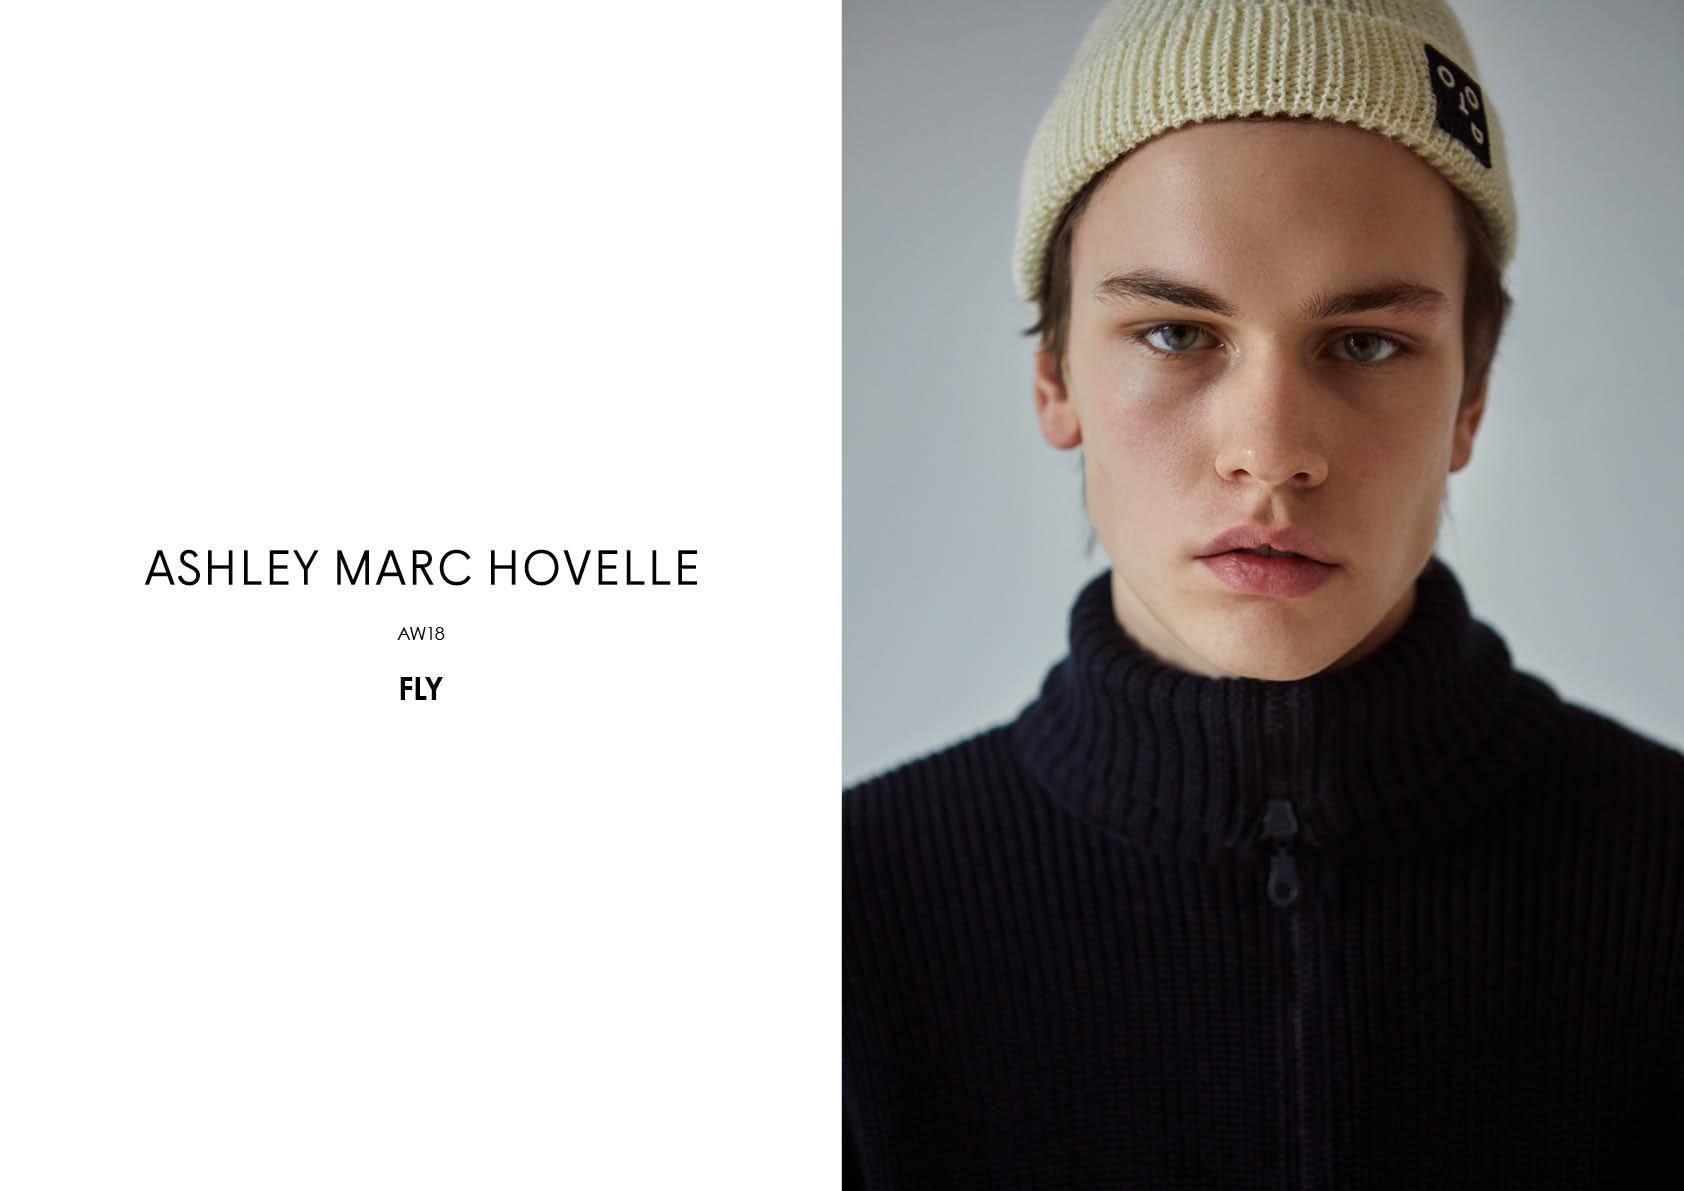 Ashley Marc Hovelle aw18 fly online12.jpg